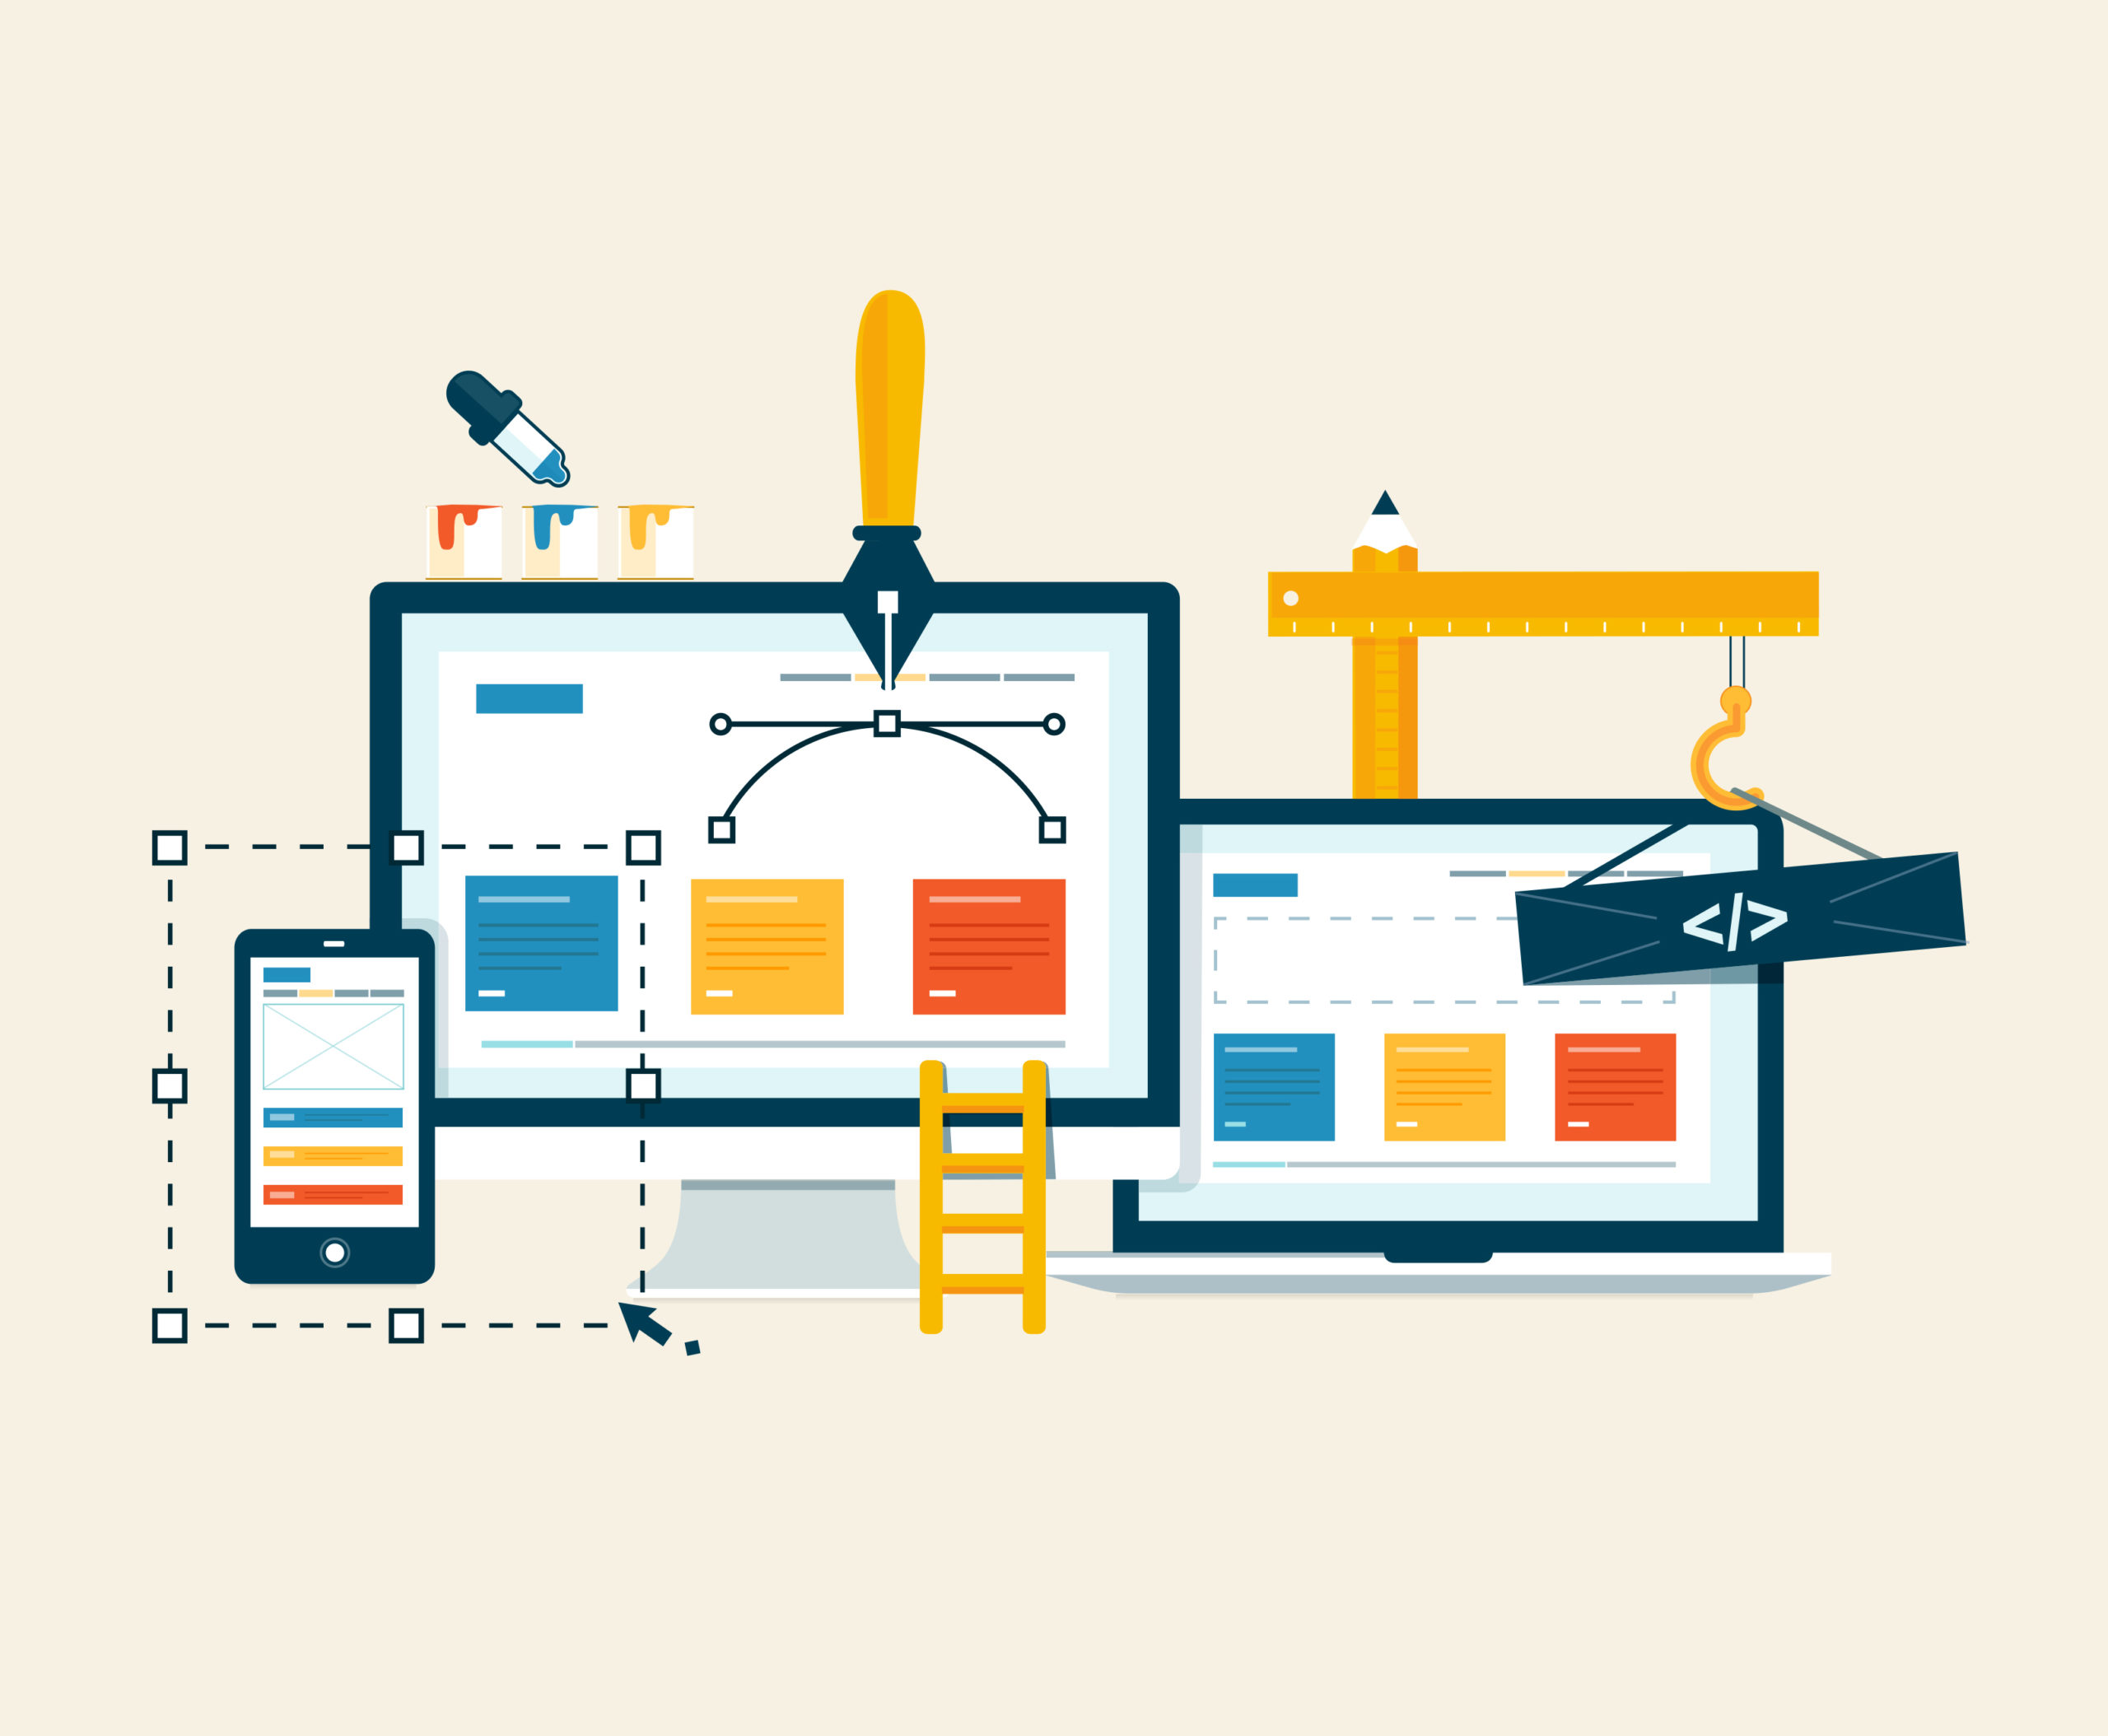 En İyi Web Tasarım Programları Hangileridir?